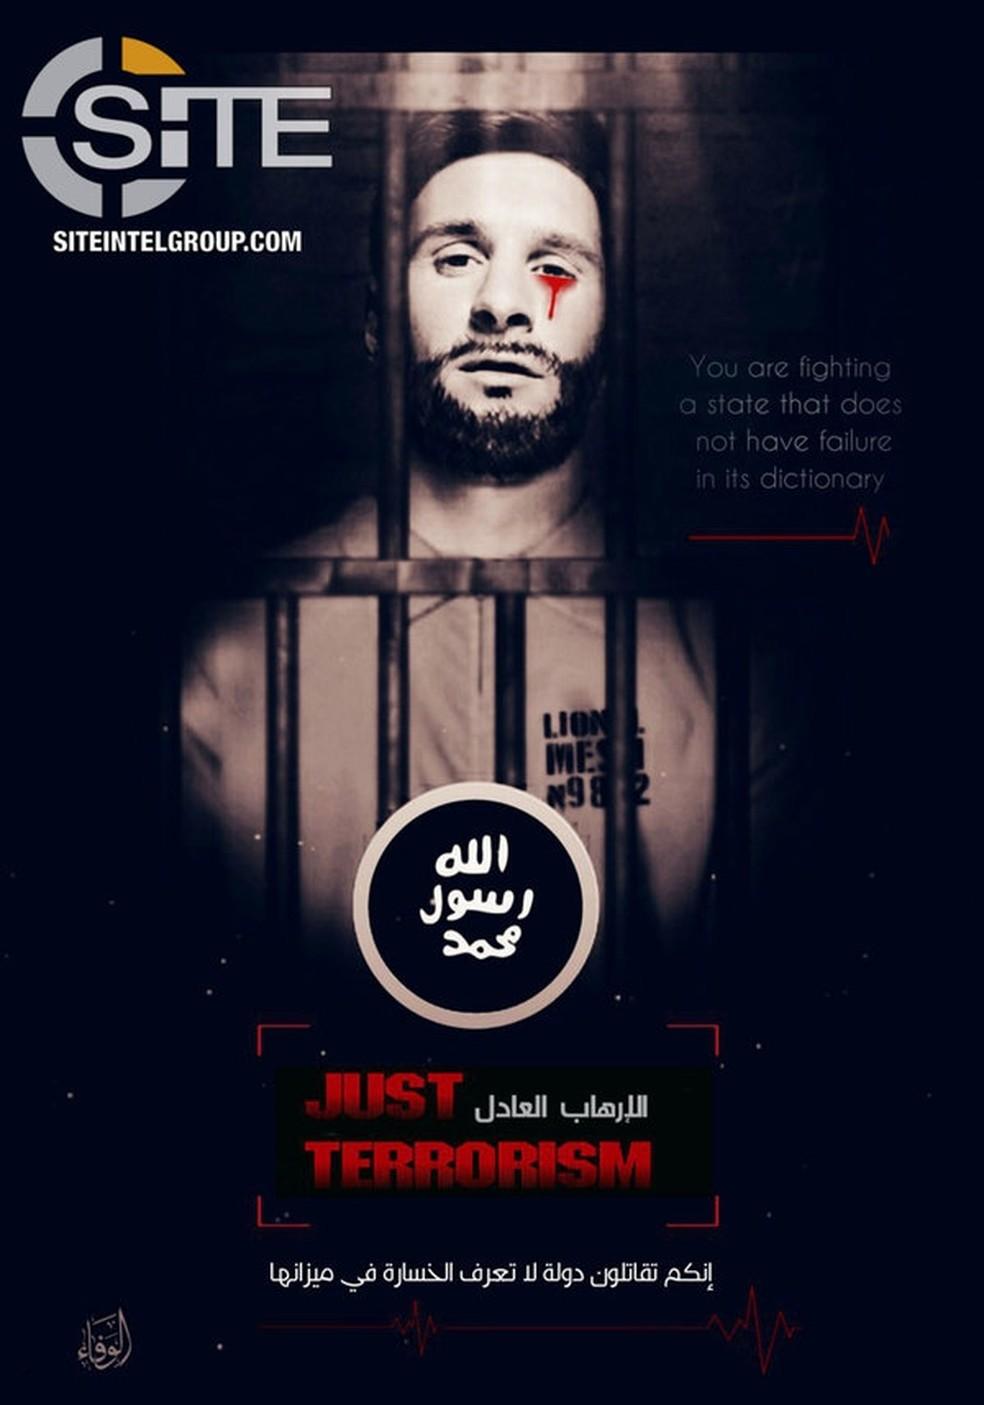 Imagem divulgada pelo Estado Islâmico com ameaça a Leonel Messi (Foto: Reprodução/Twitter/SITE)